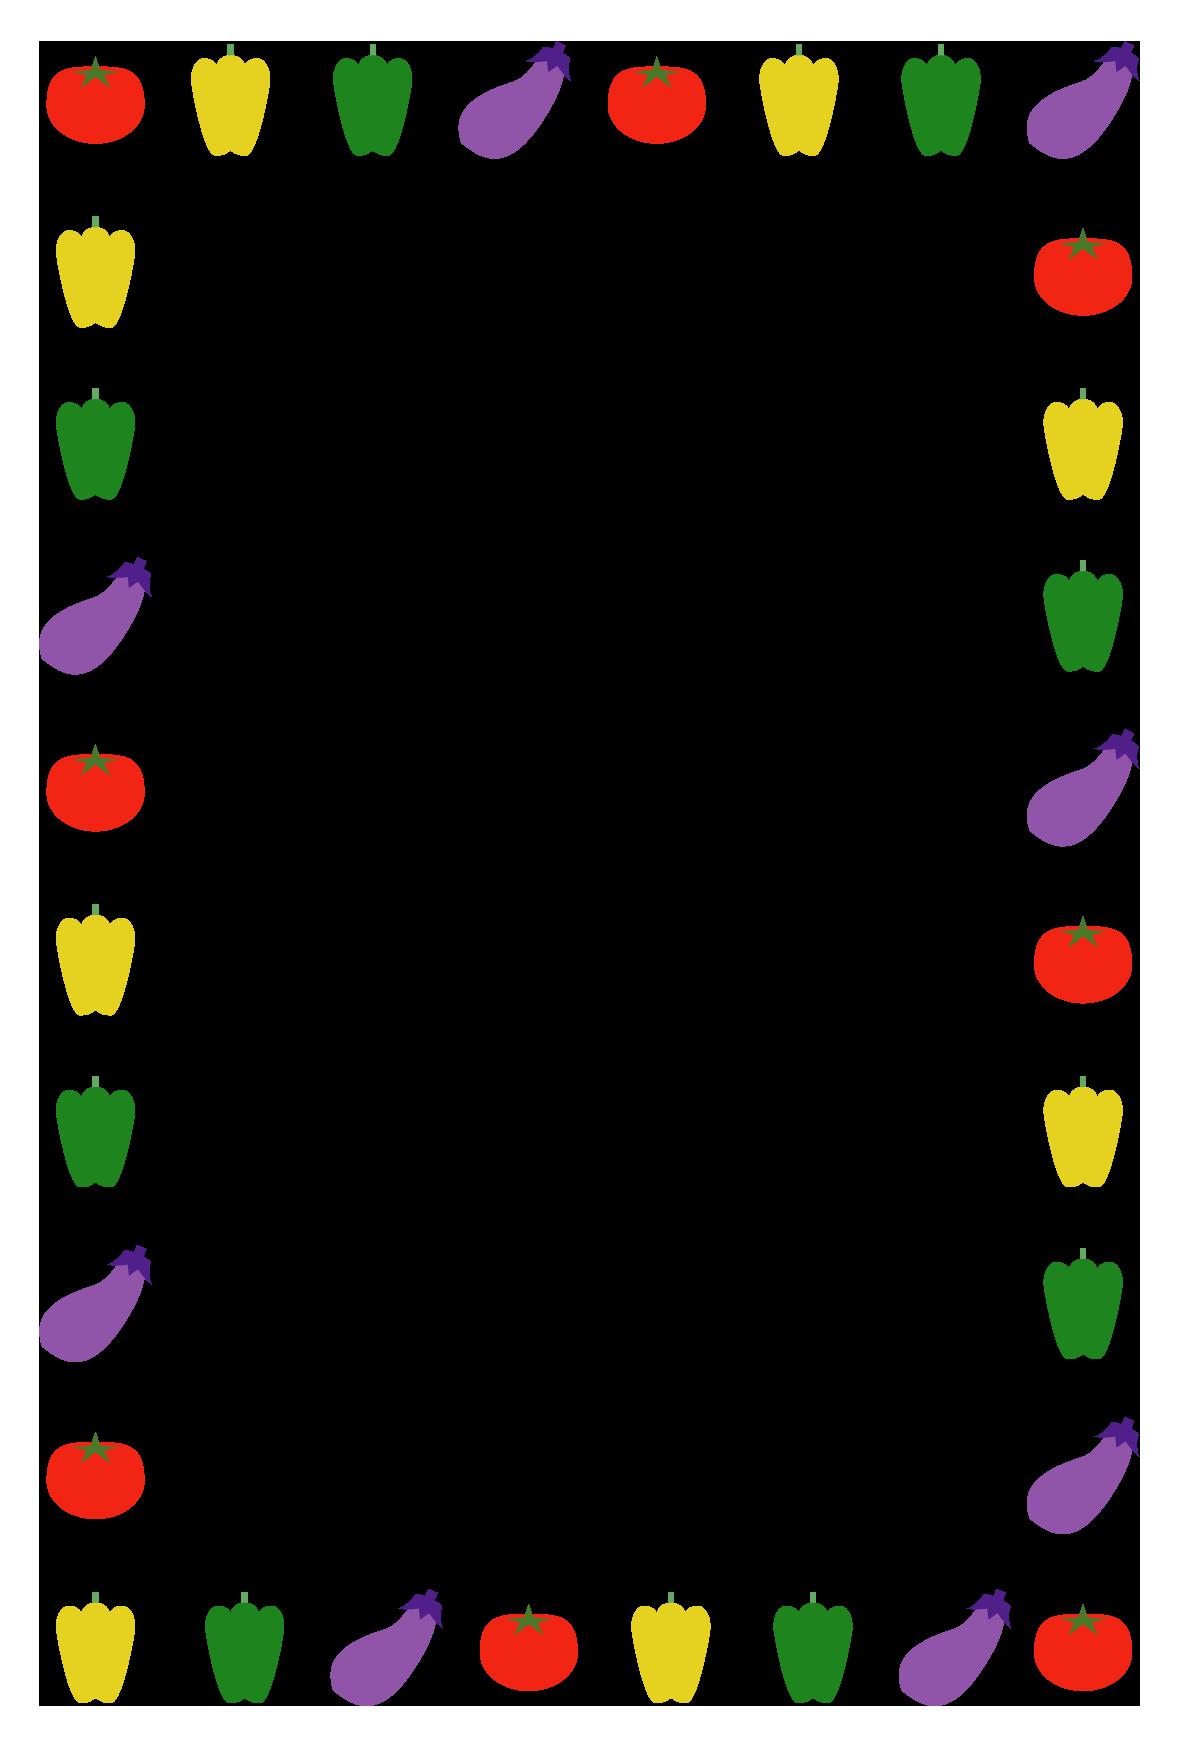 夏野菜のシンプル枠イラスト 縦 無料 イラストk